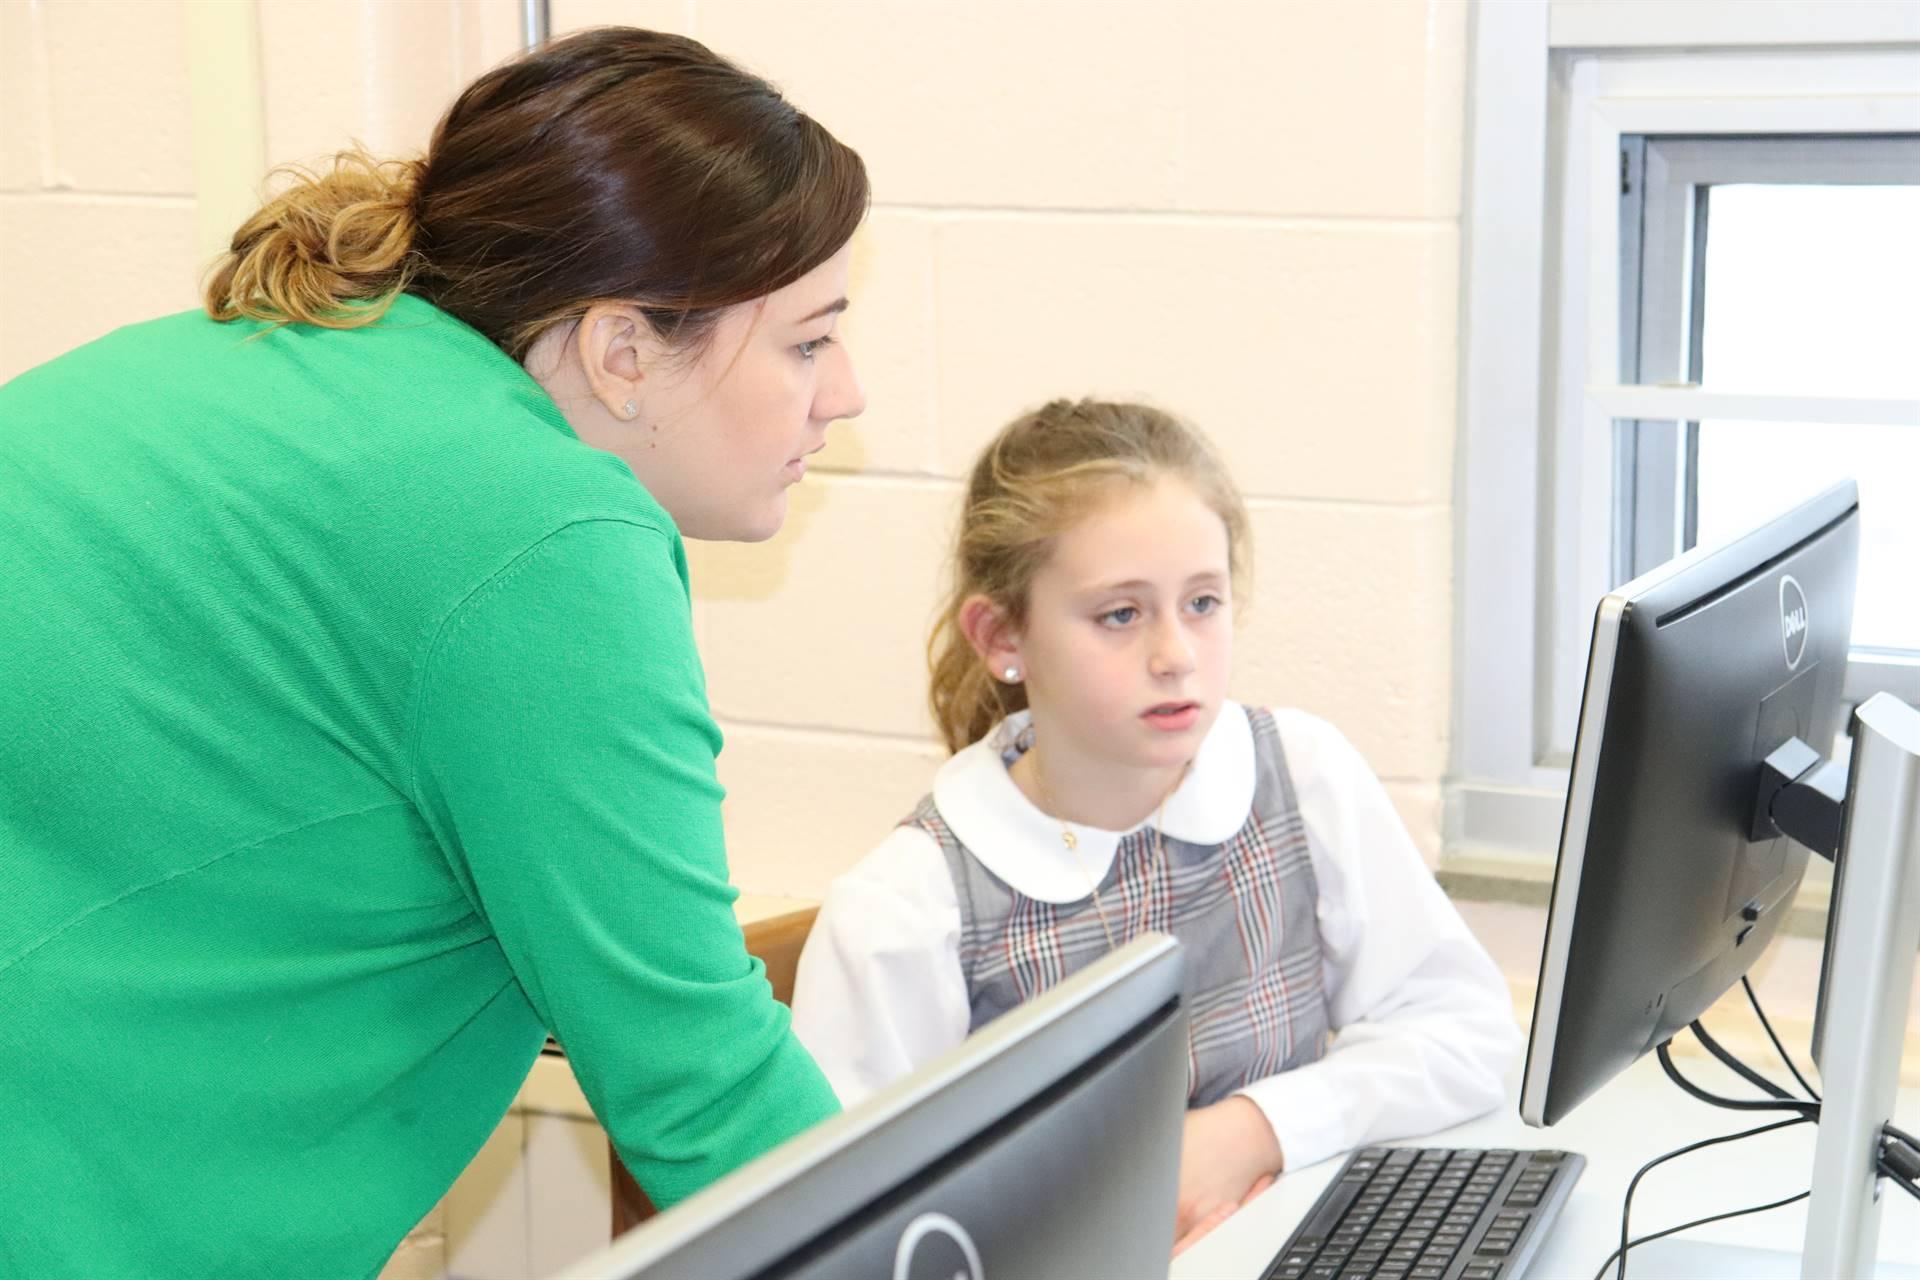 Student and teacher in Tech class